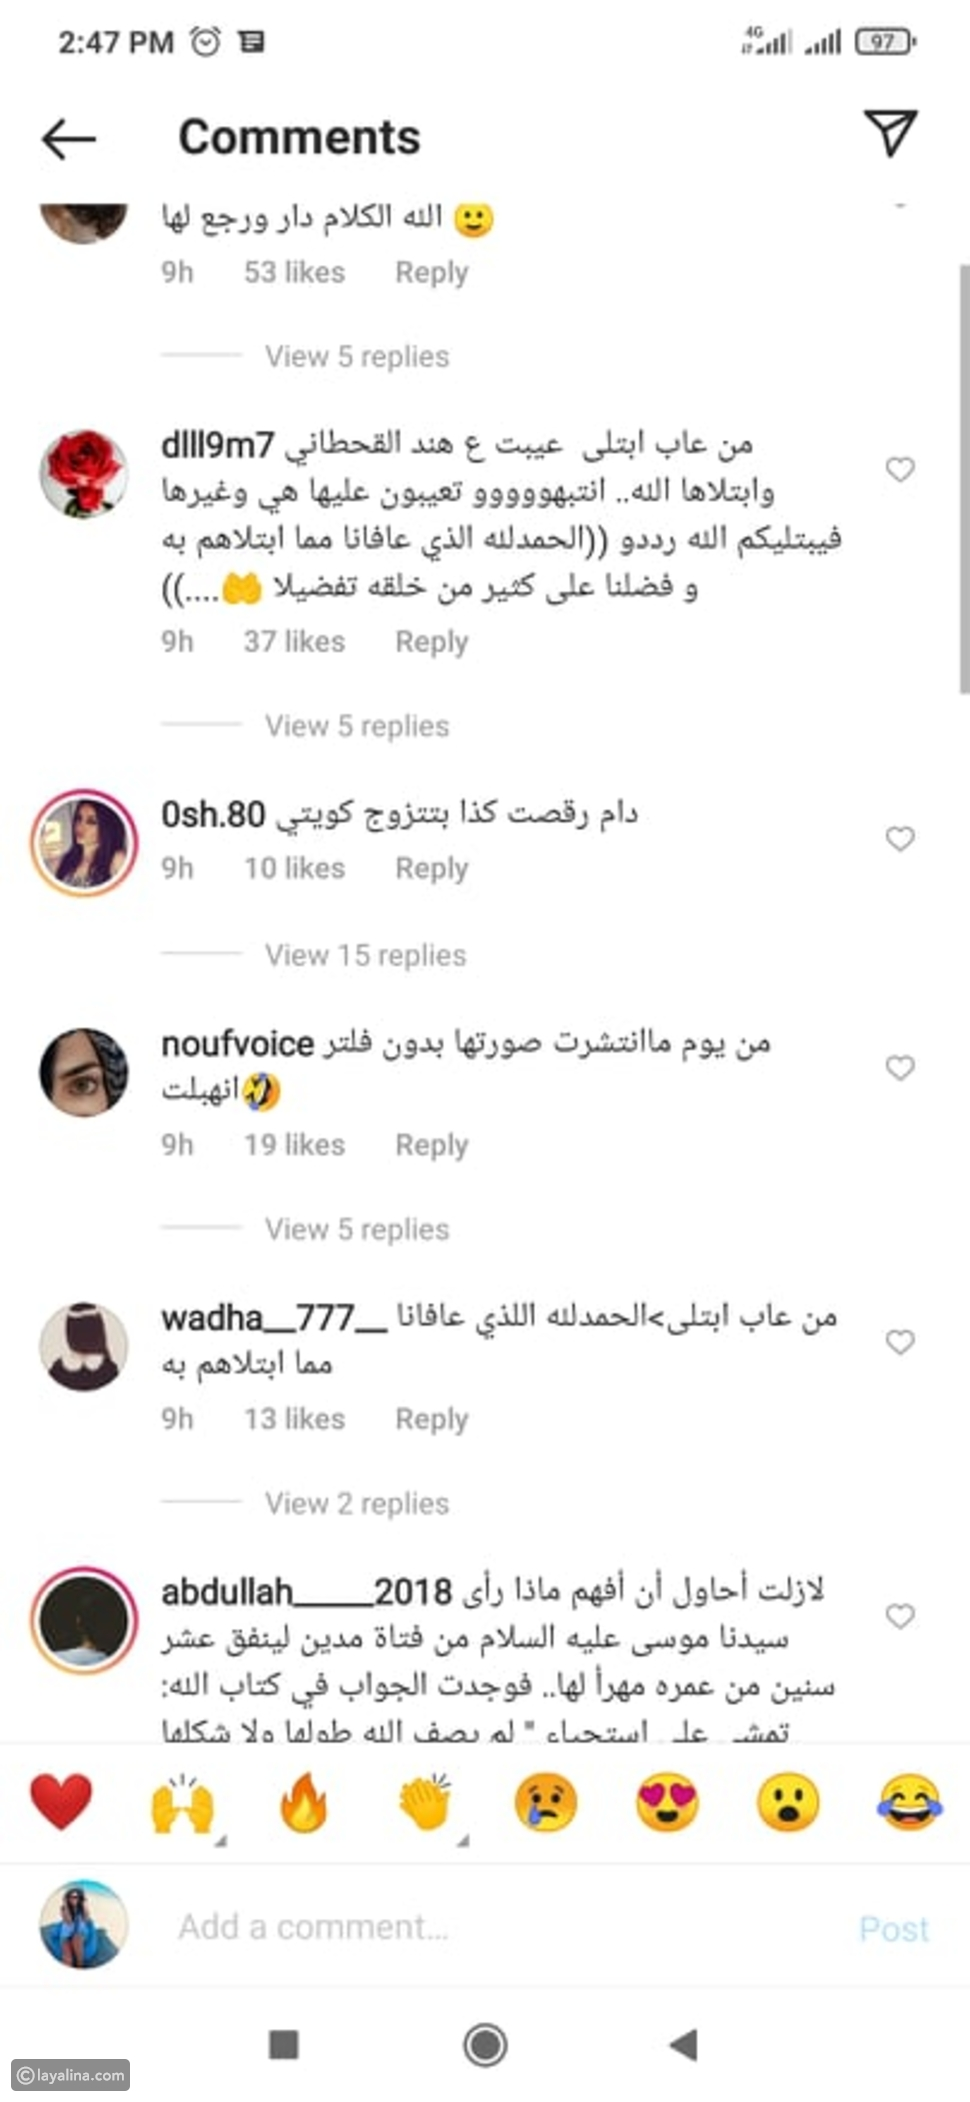 بدور البراهيم تتعرض لهجوم واسع بسبب رقصها في مقطع فيديو جديد